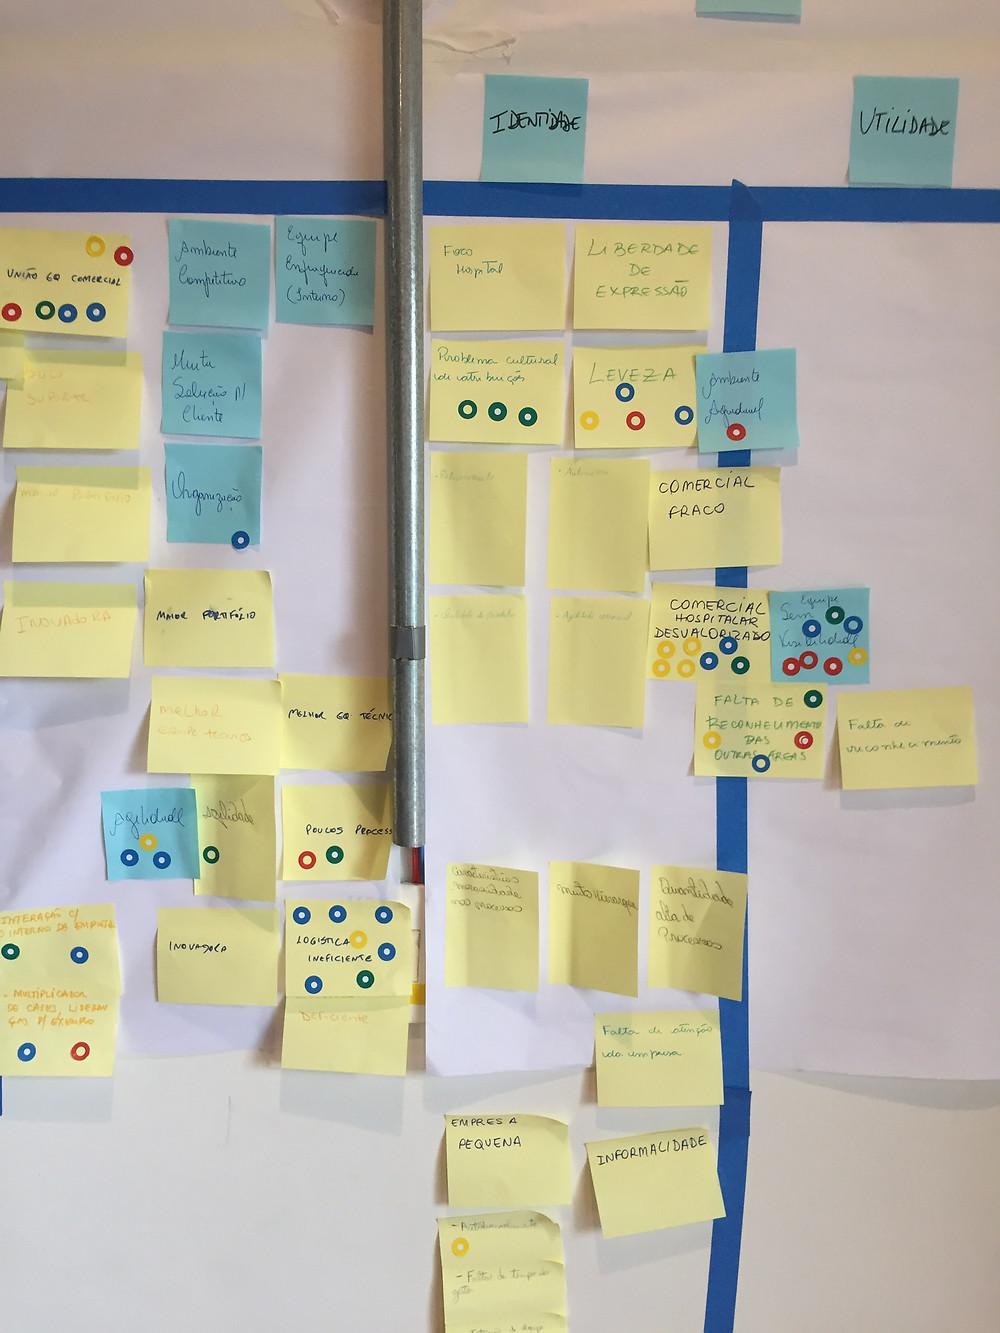 Etapa de empatia do design thinking no duit